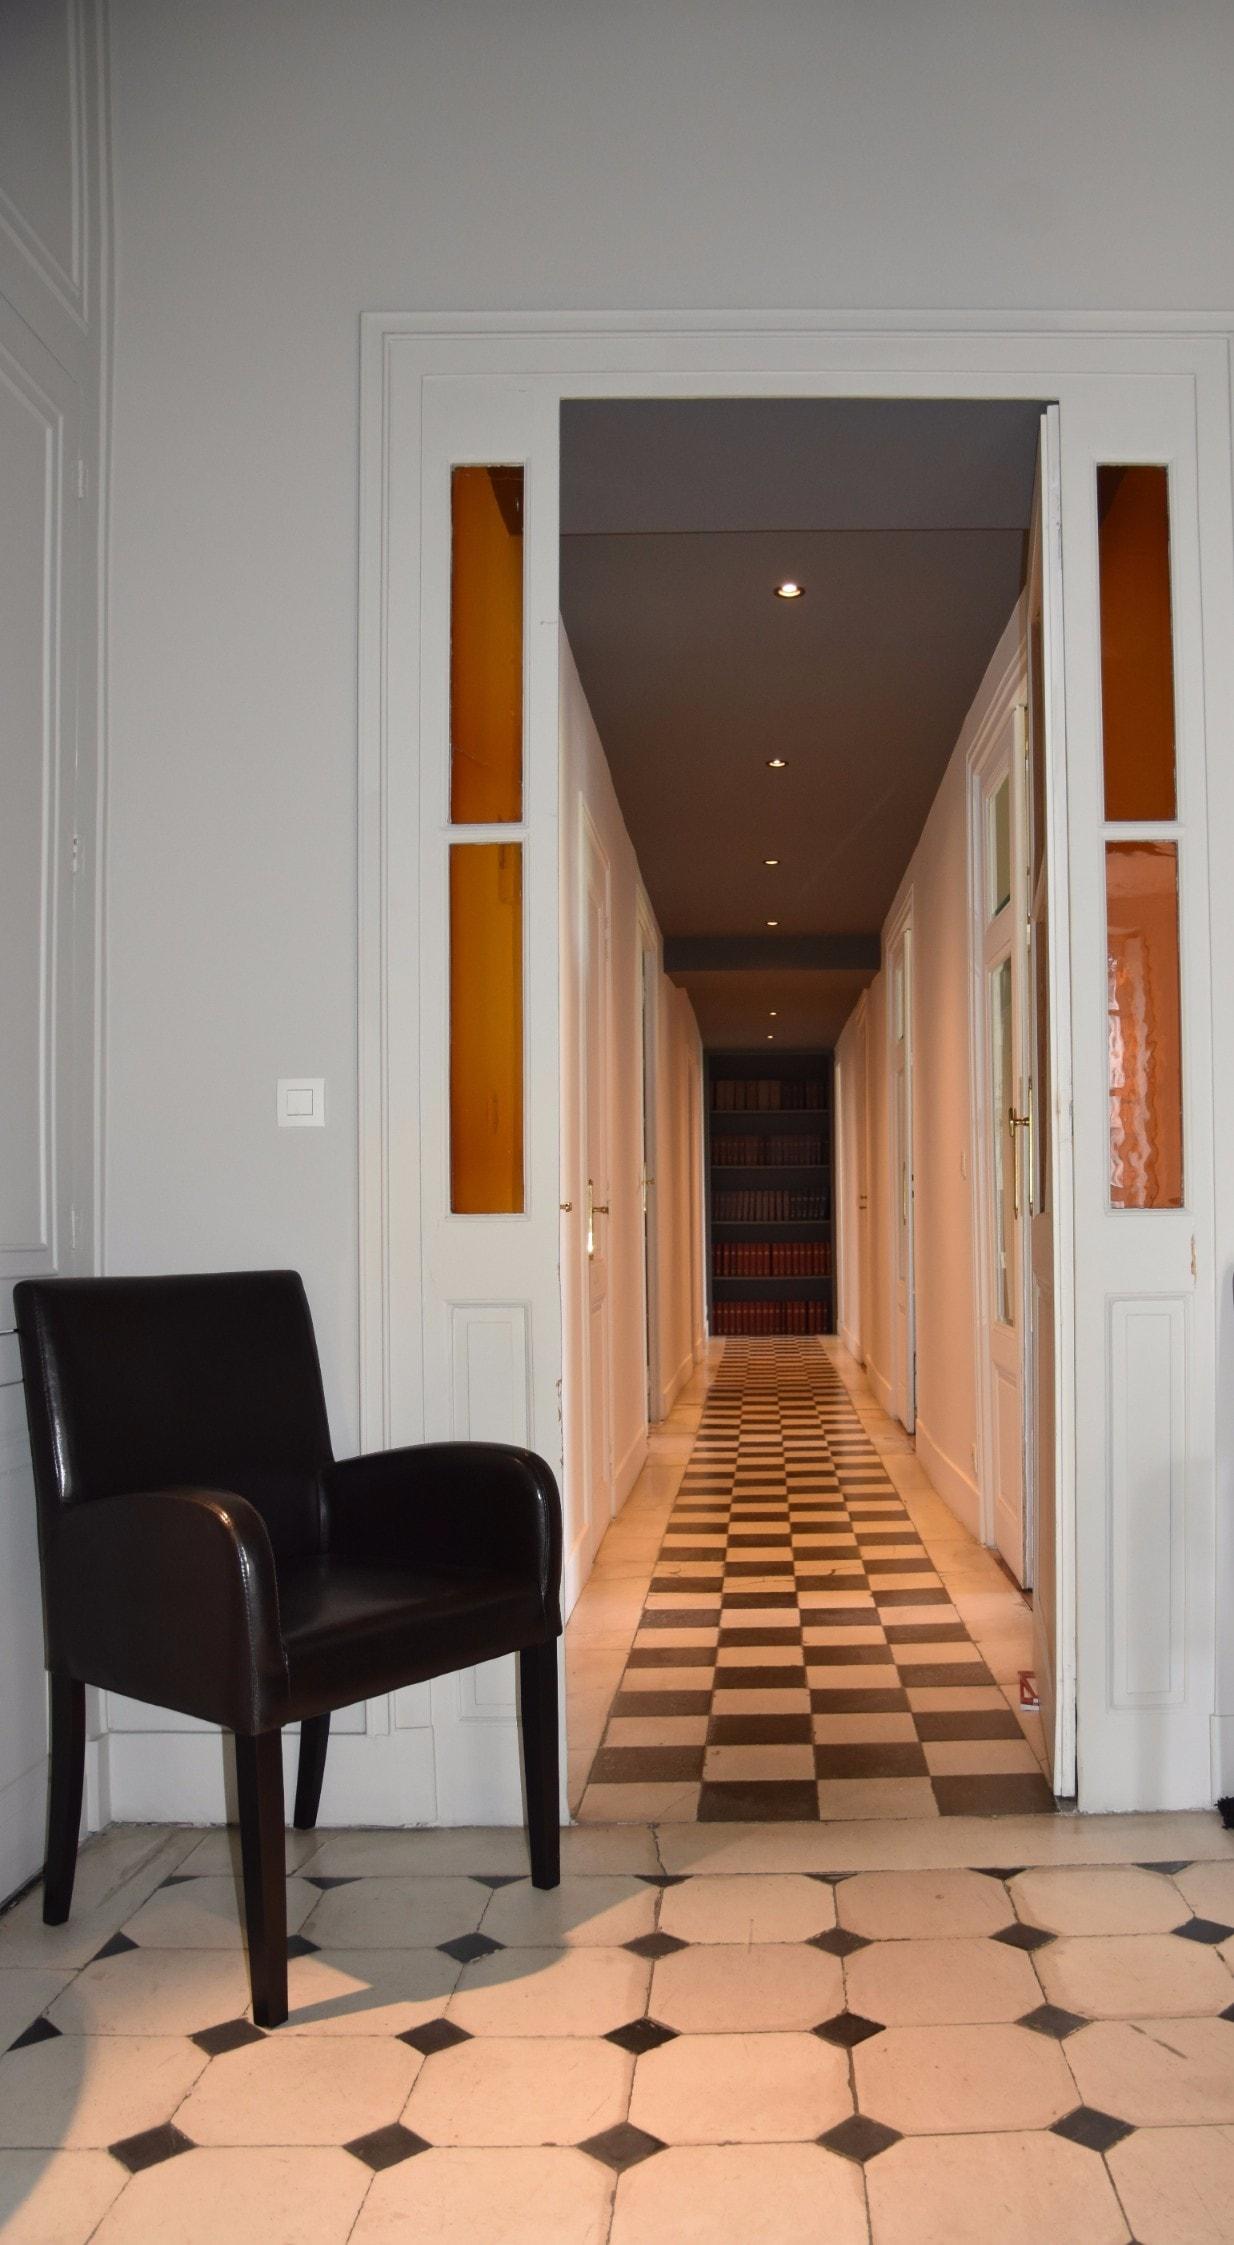 decoratrice interieur grenoble decorateur interieur grenoble luxury garde meuble tarif frais. Black Bedroom Furniture Sets. Home Design Ideas